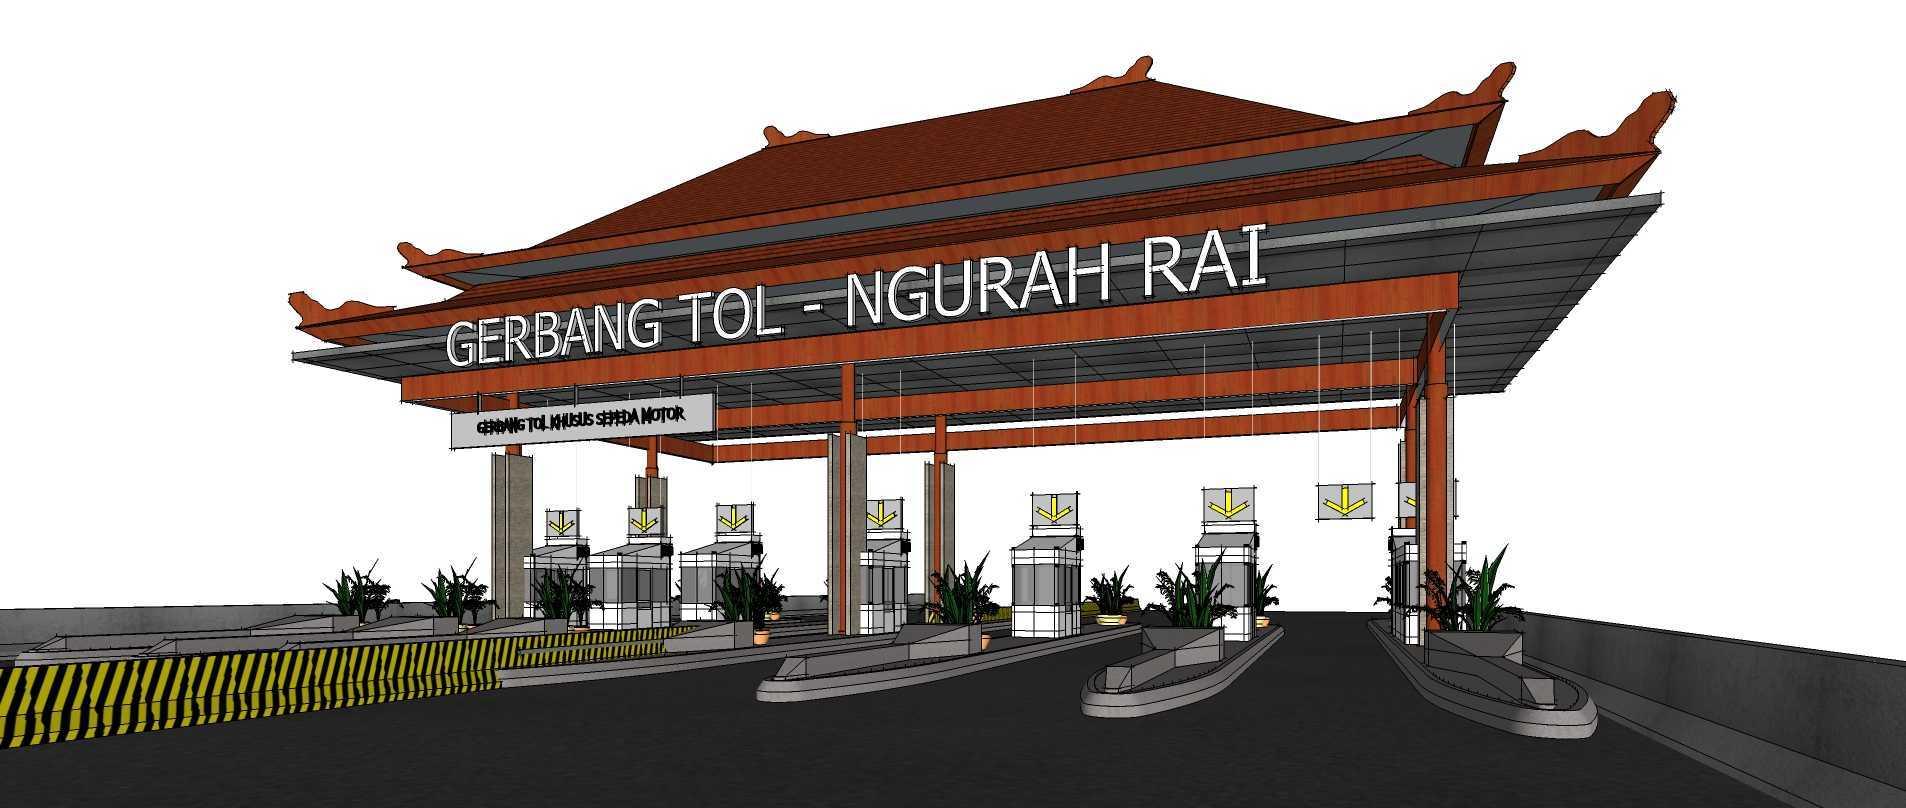 Gubah Ruang Ngurah Rai – Benoa Toll Gate Bali, Indonesia Bali, Indonesia Toll Gate View   50663